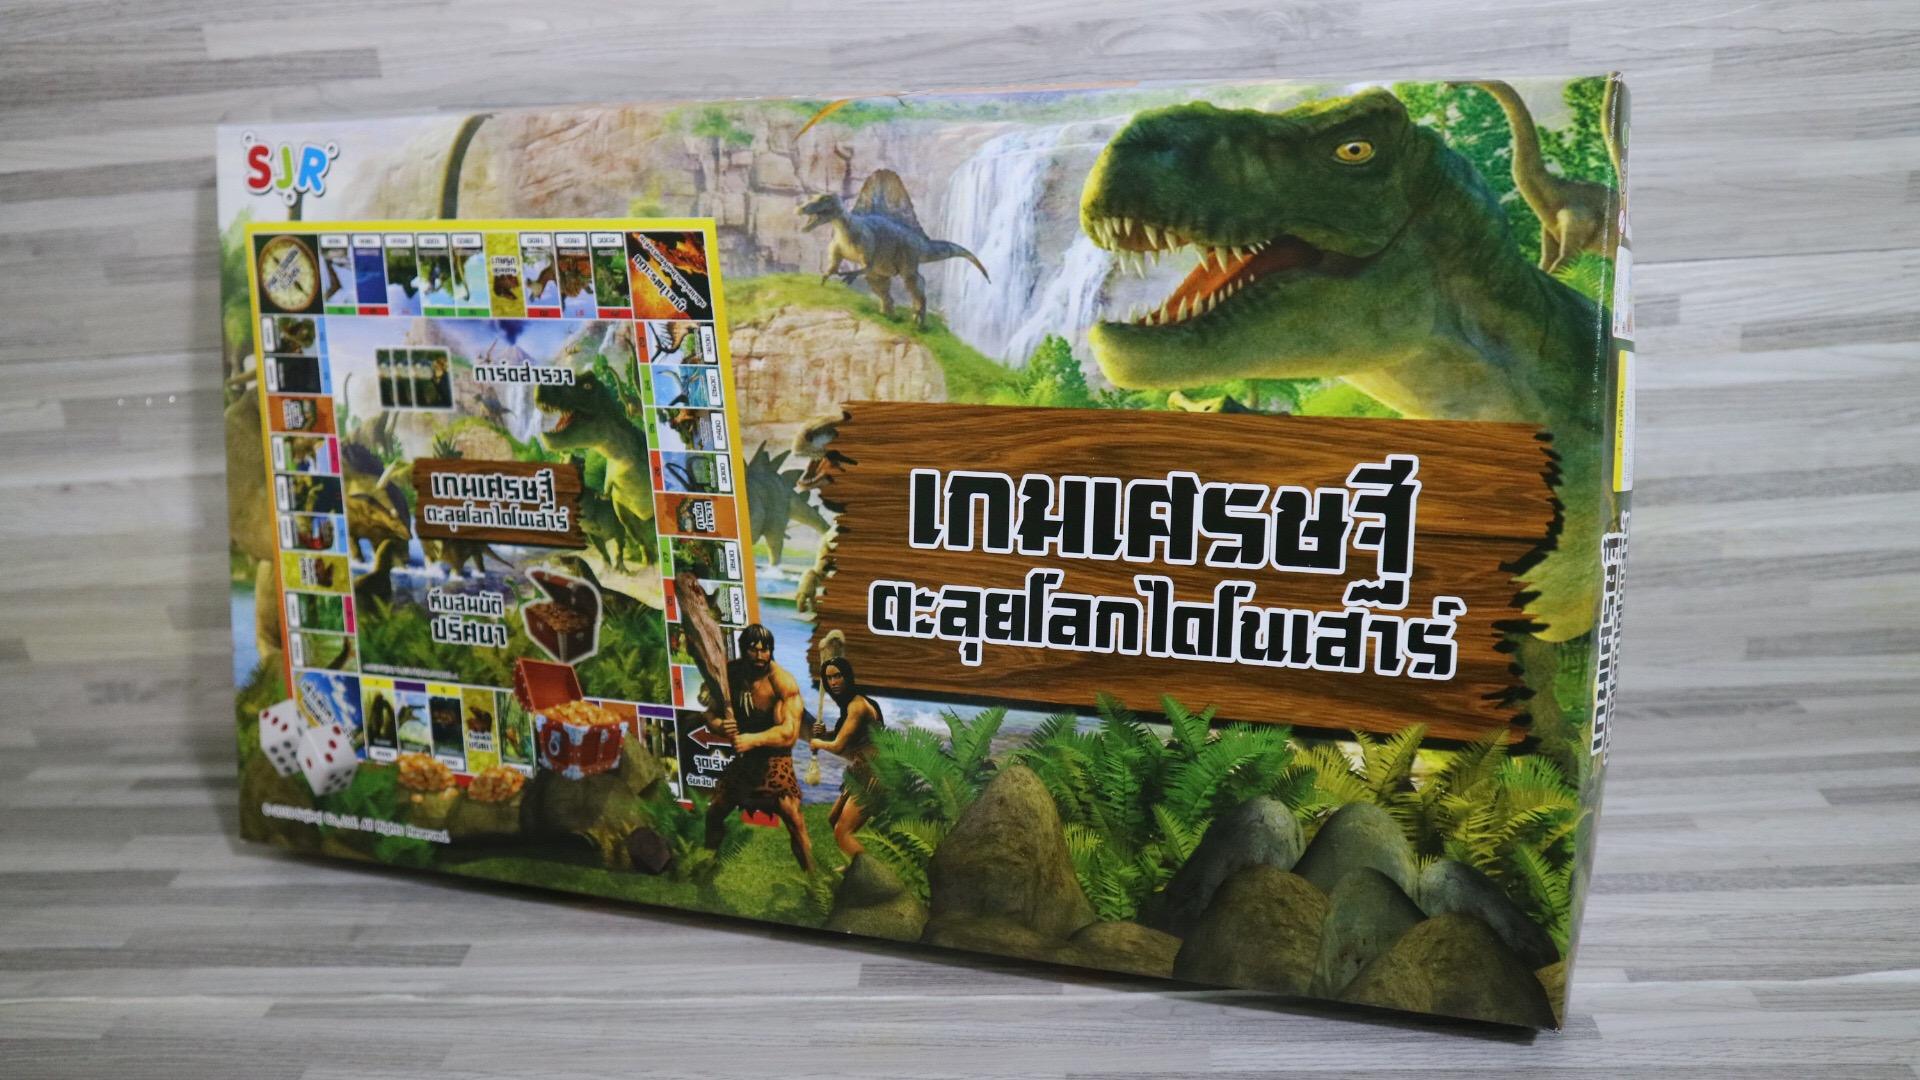 เกมเศรษฐีตะลุยโลกไดโนเสาร์